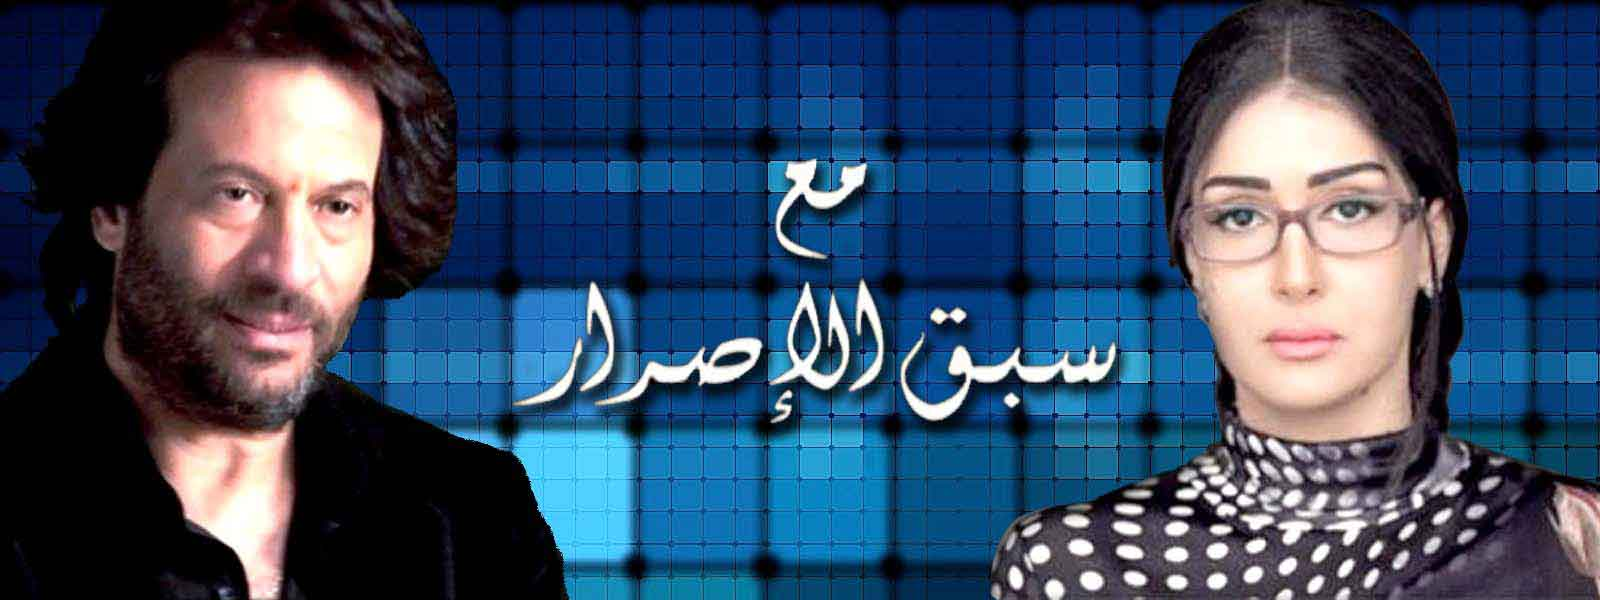 صوره كلمات اغنية تتر مسلسل مع سبق الاصرار , دراما غادة عبد الرازق